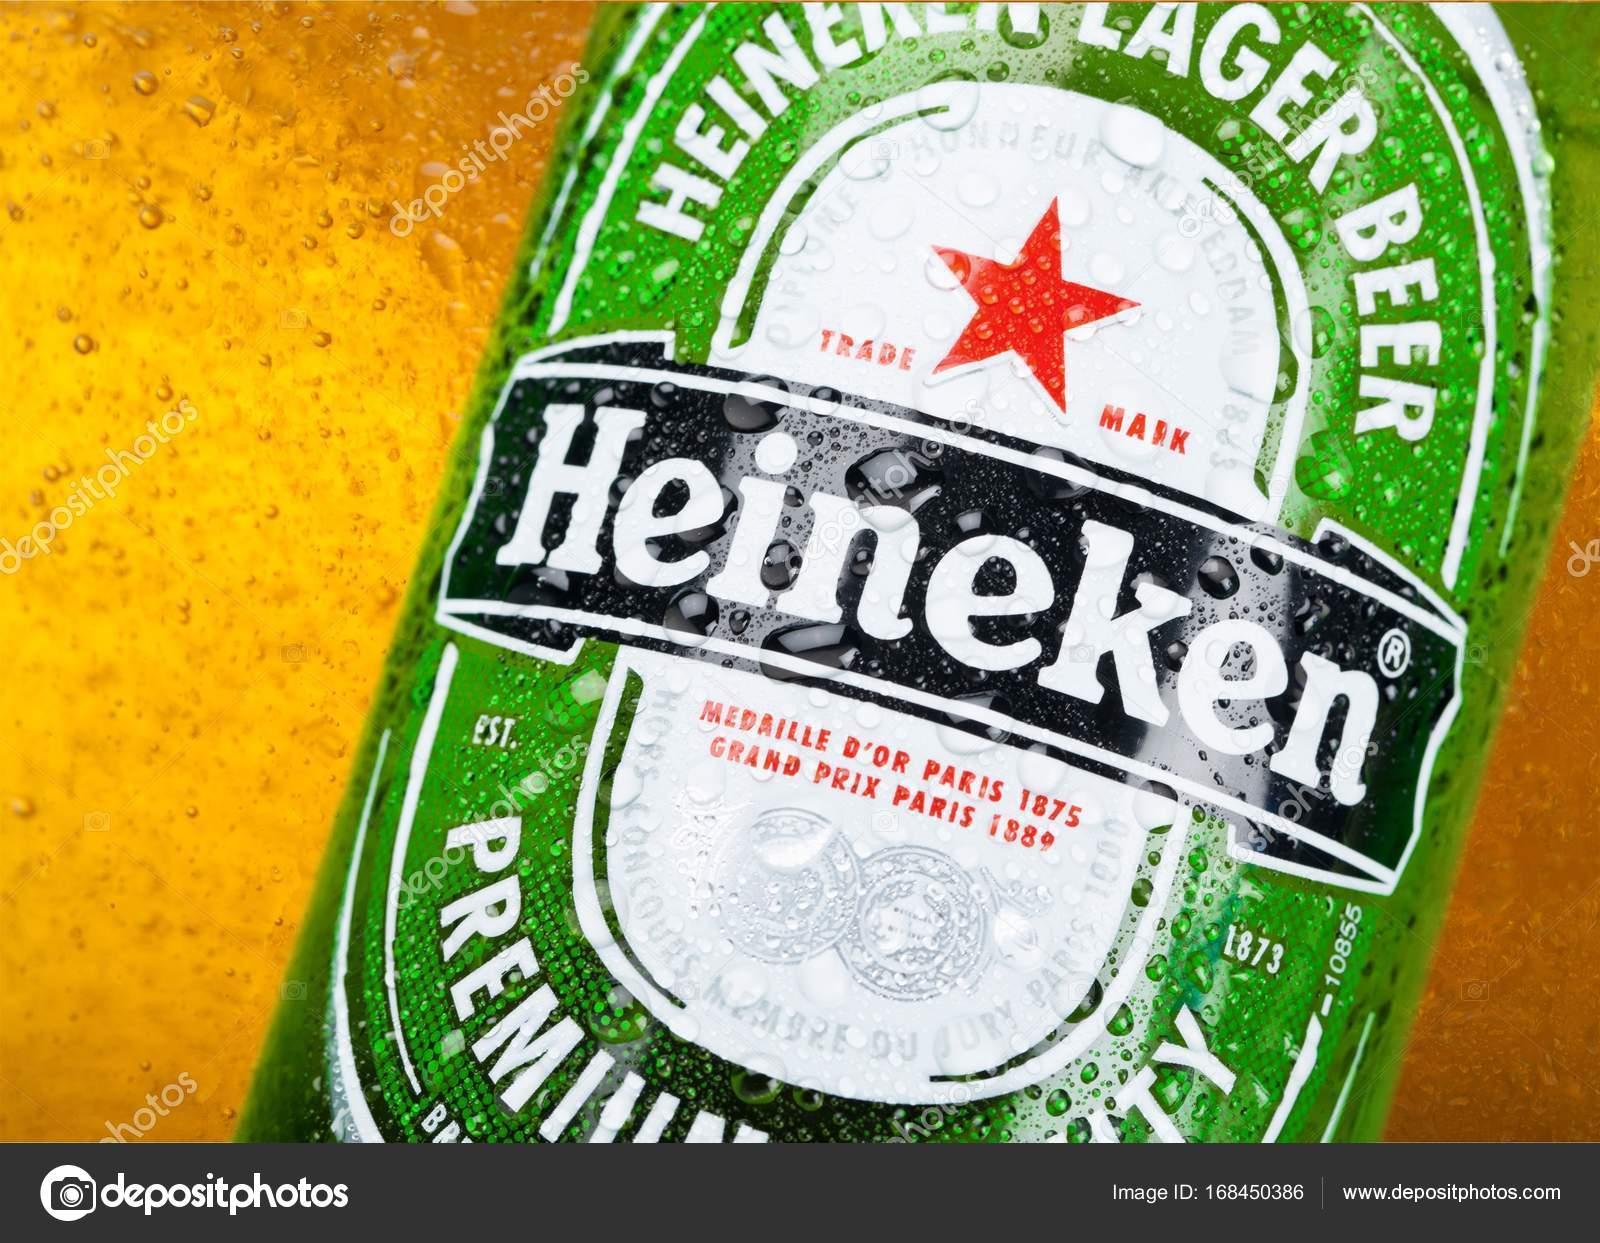 Heineken Beer Bottle Stock Photo